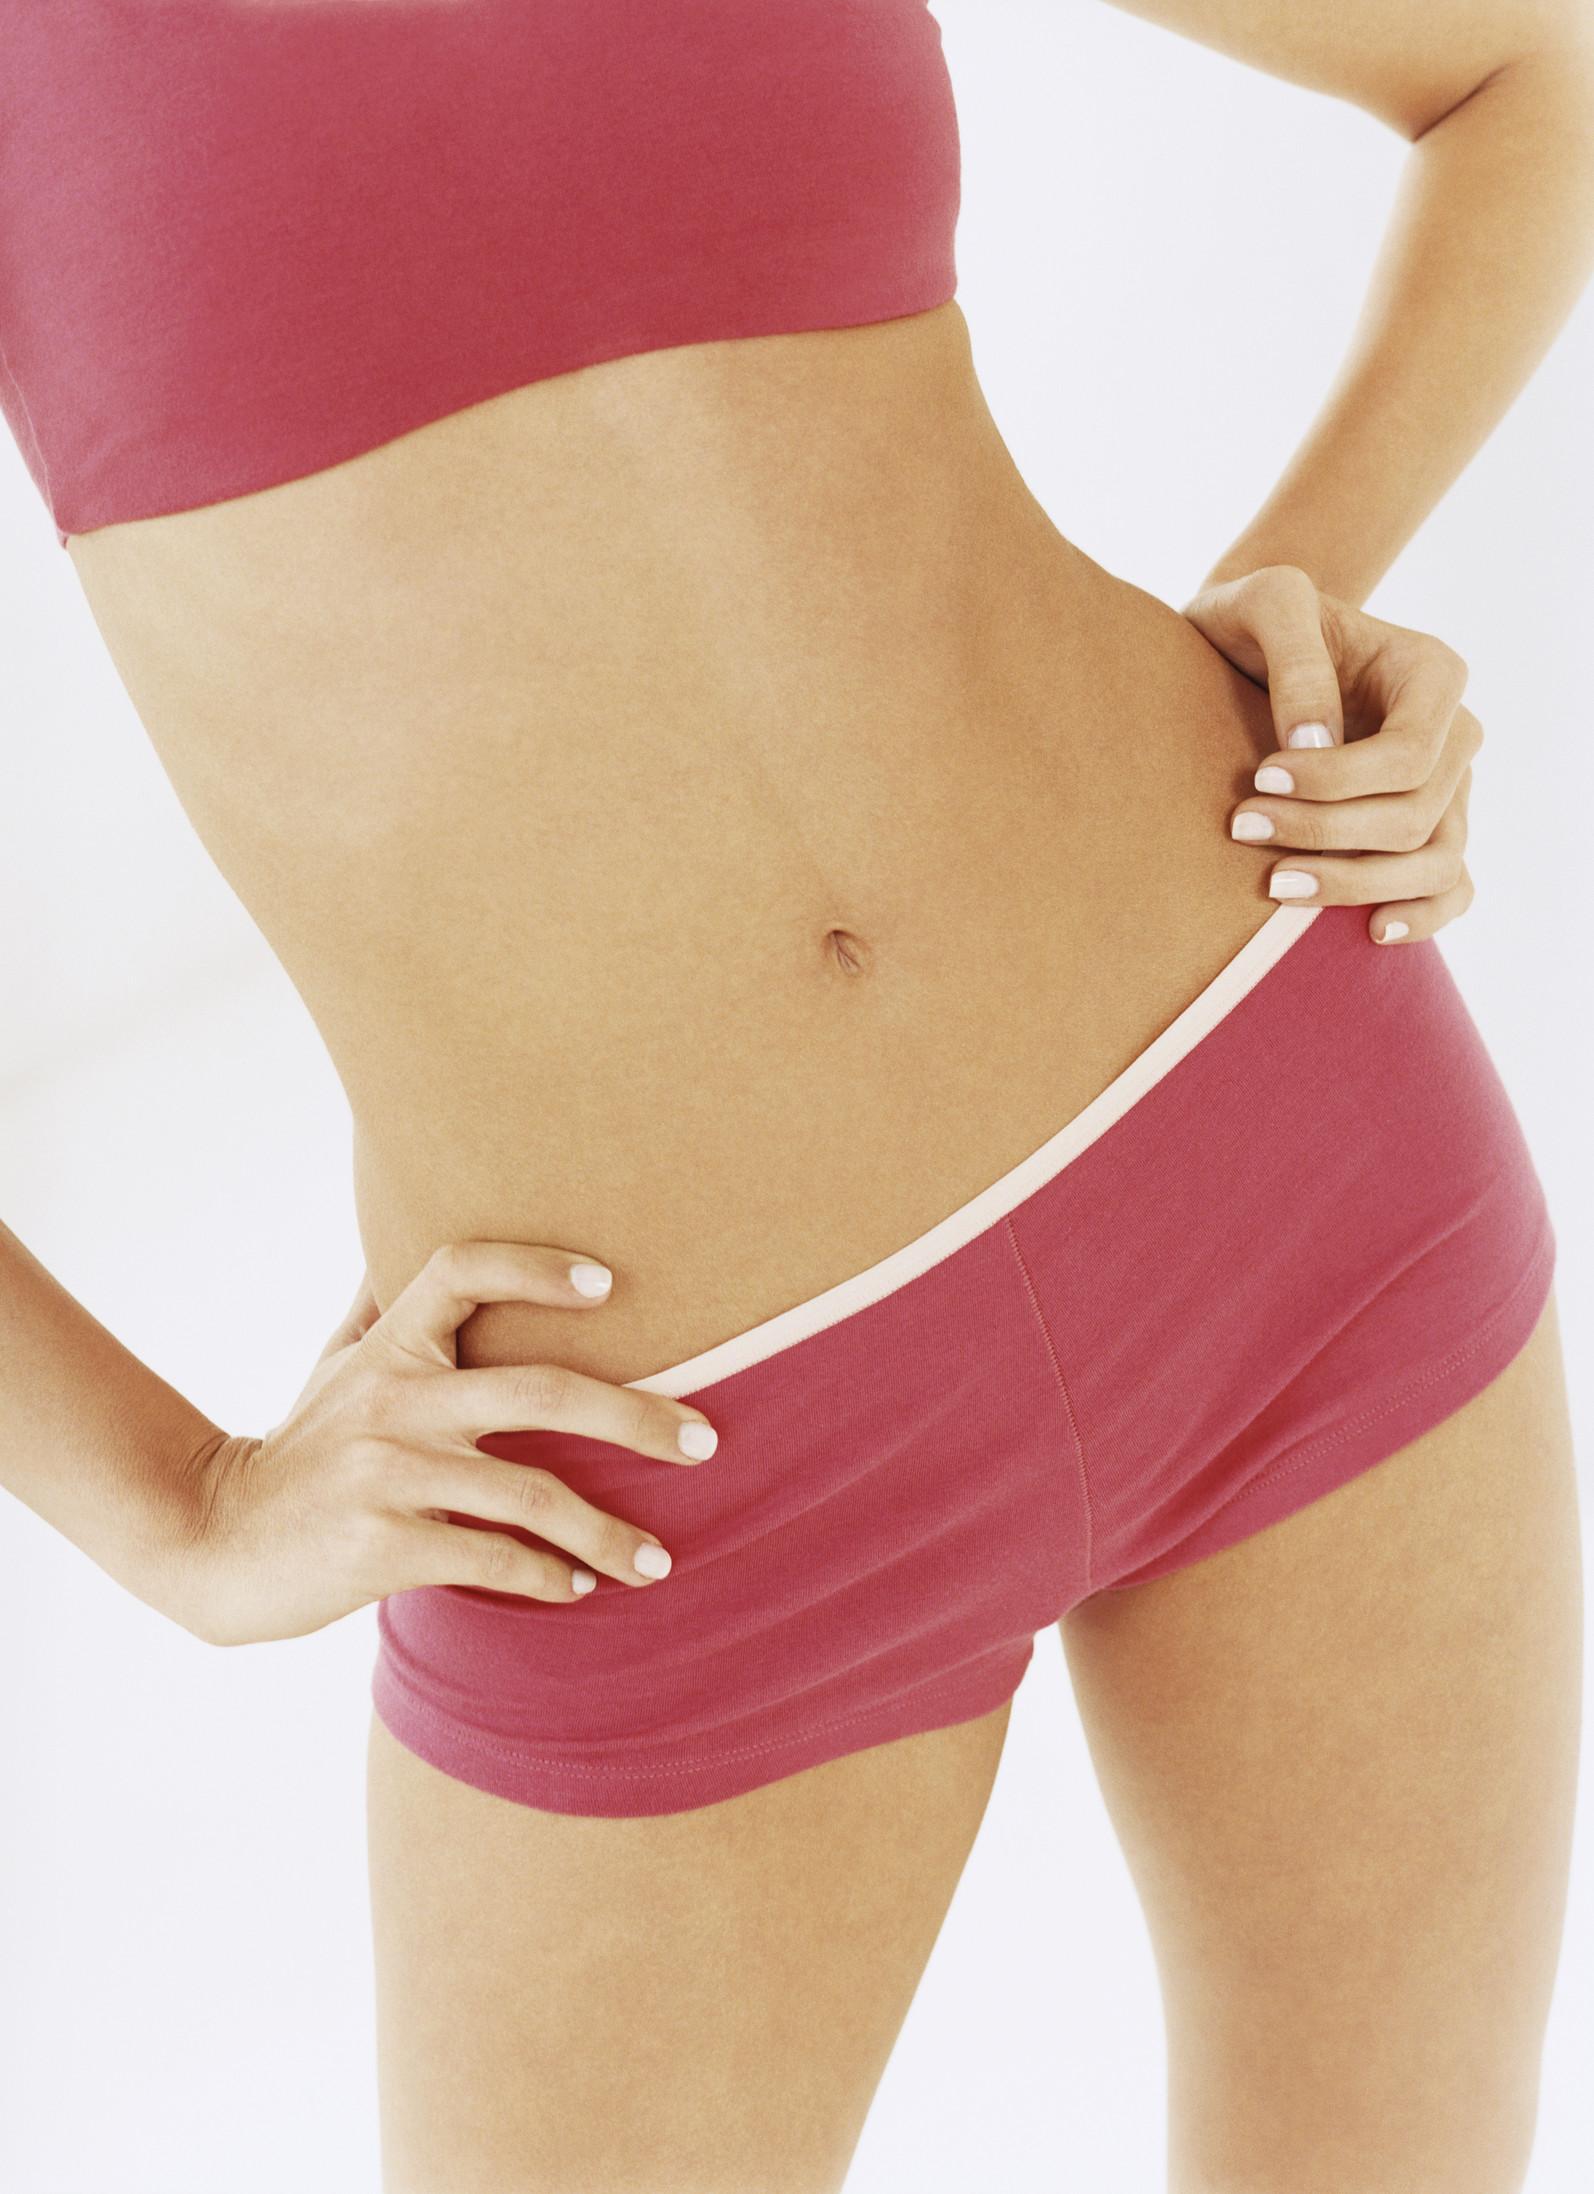 Consejos para lograr un estómago plano